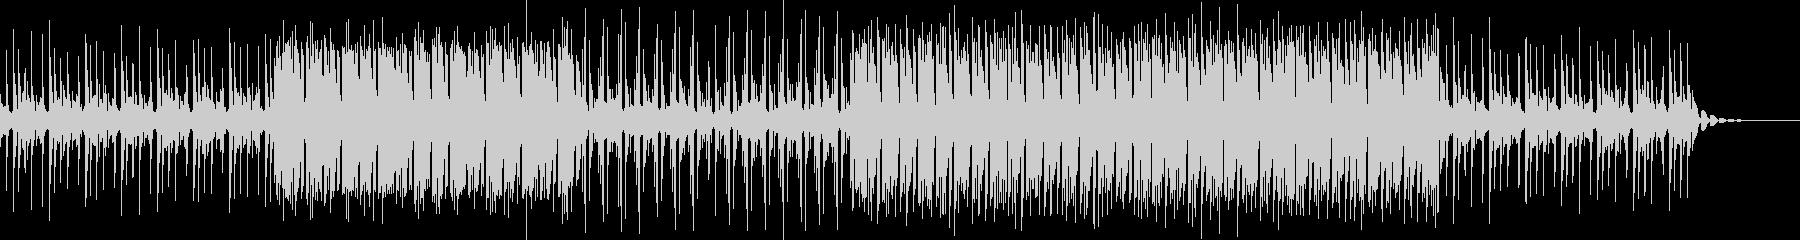 洋楽アンセム クールな曲の未再生の波形